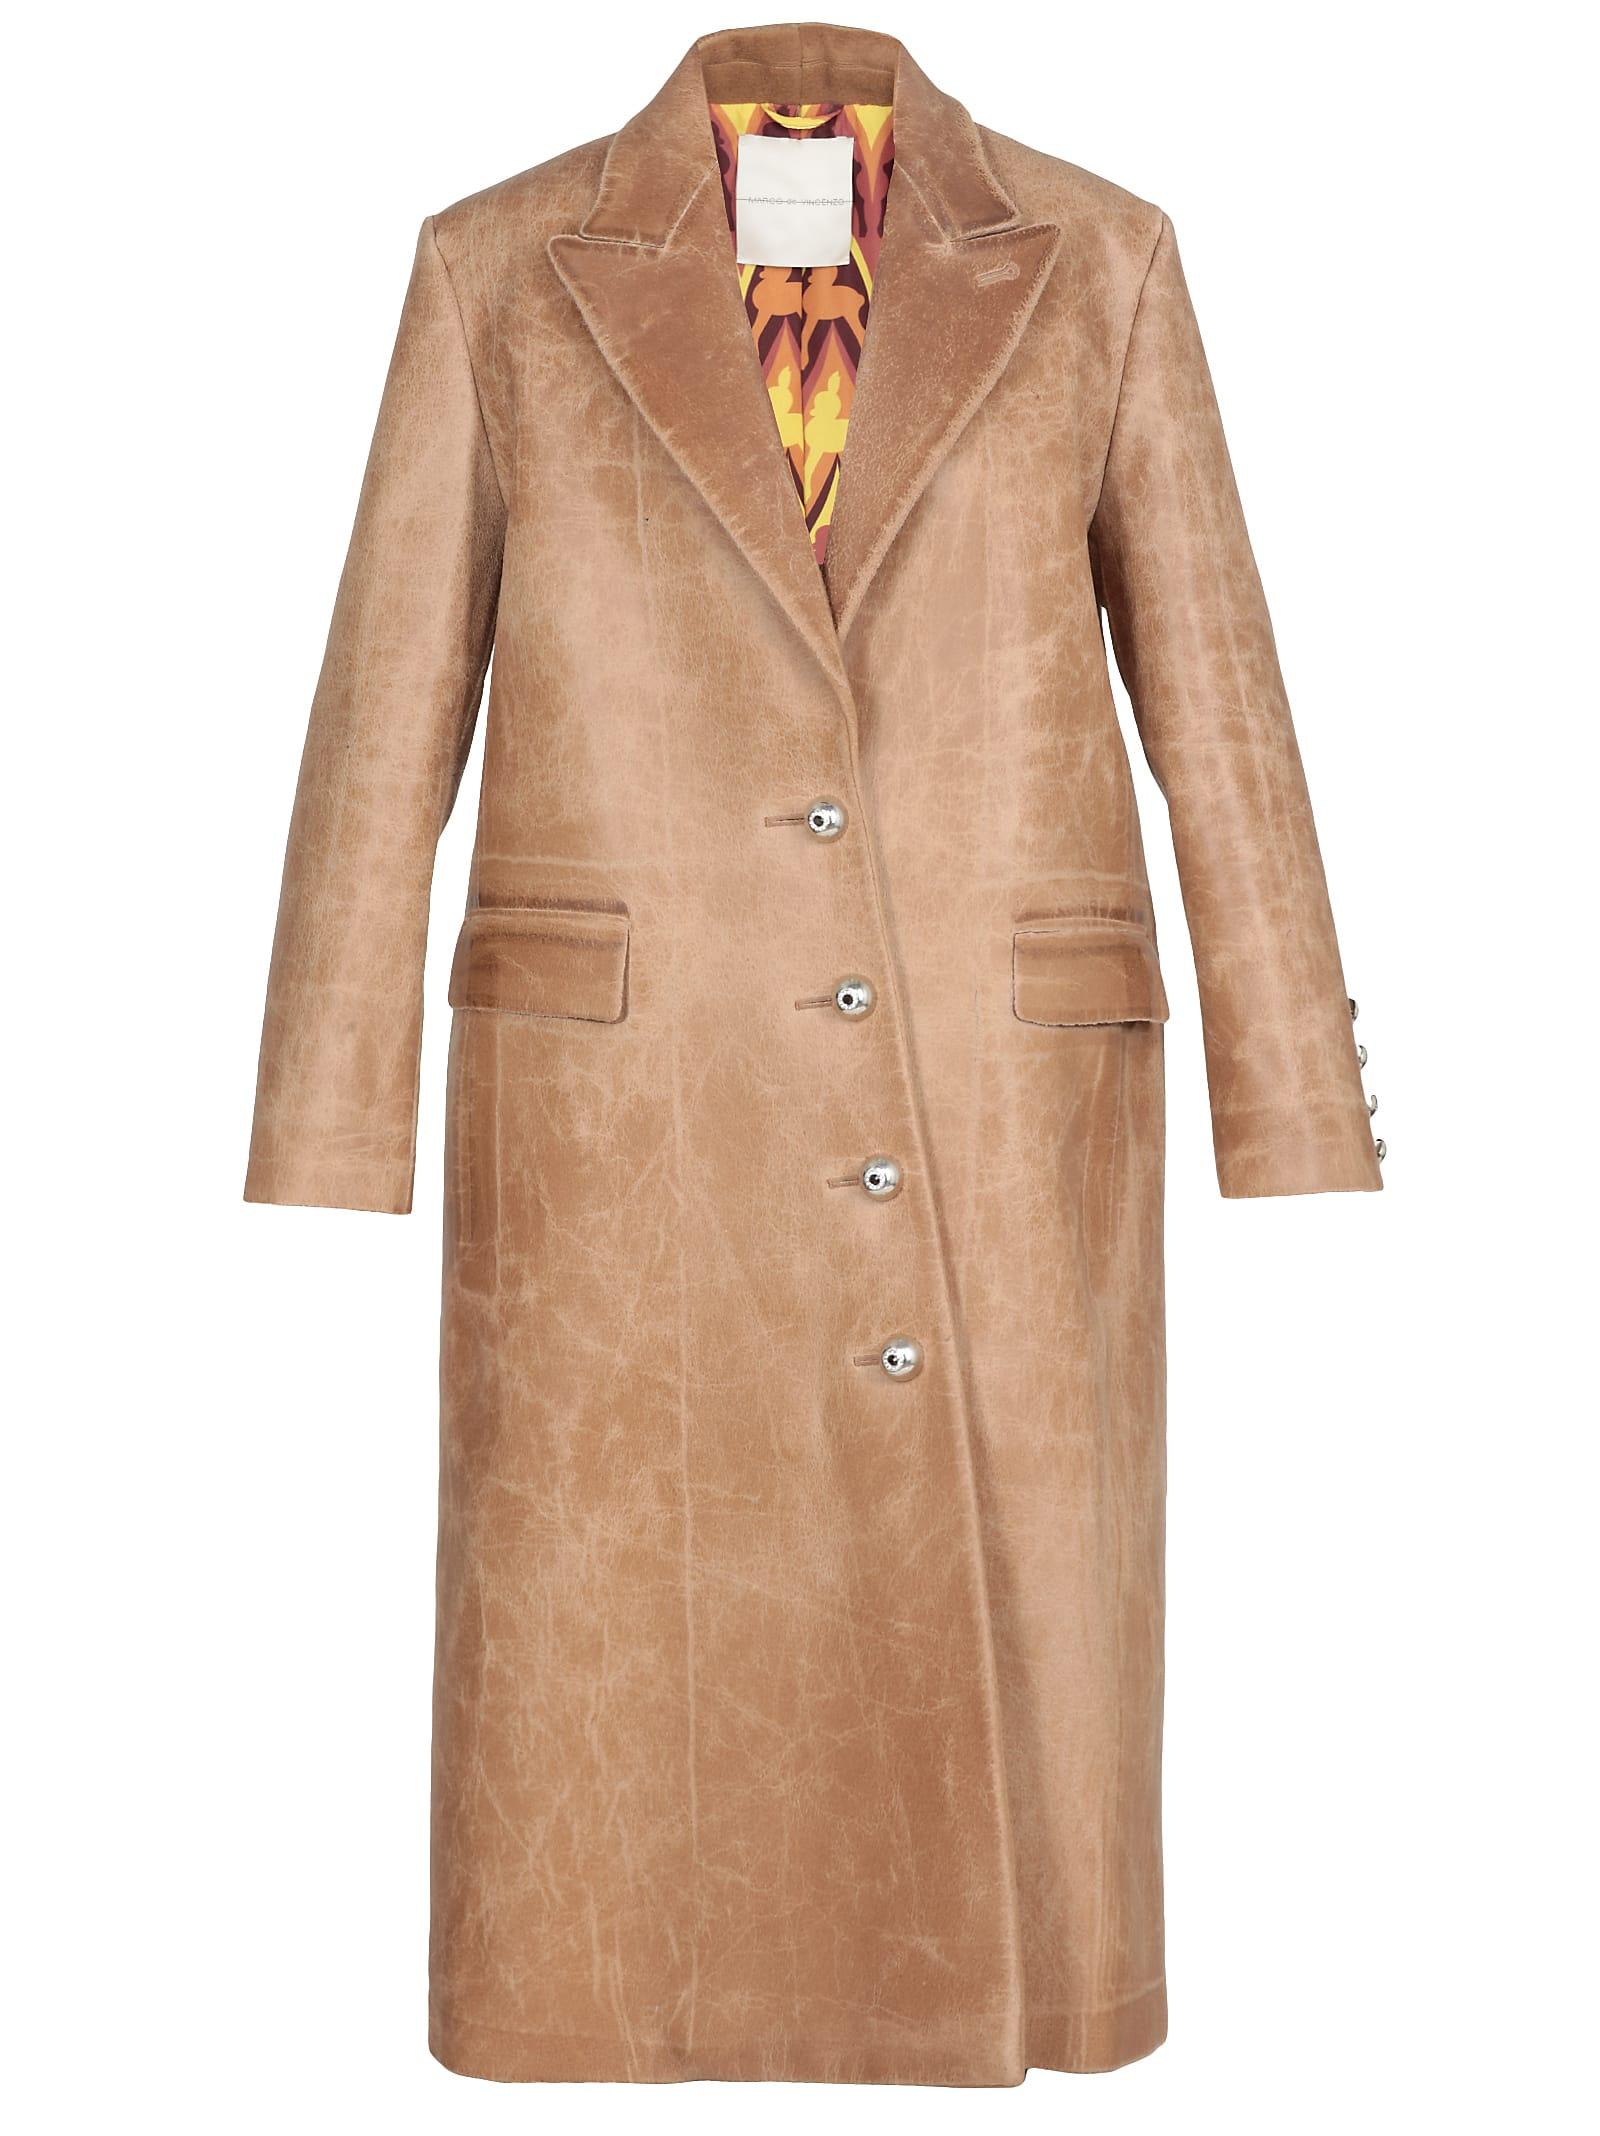 Marco de Vincenzo Leather Coat